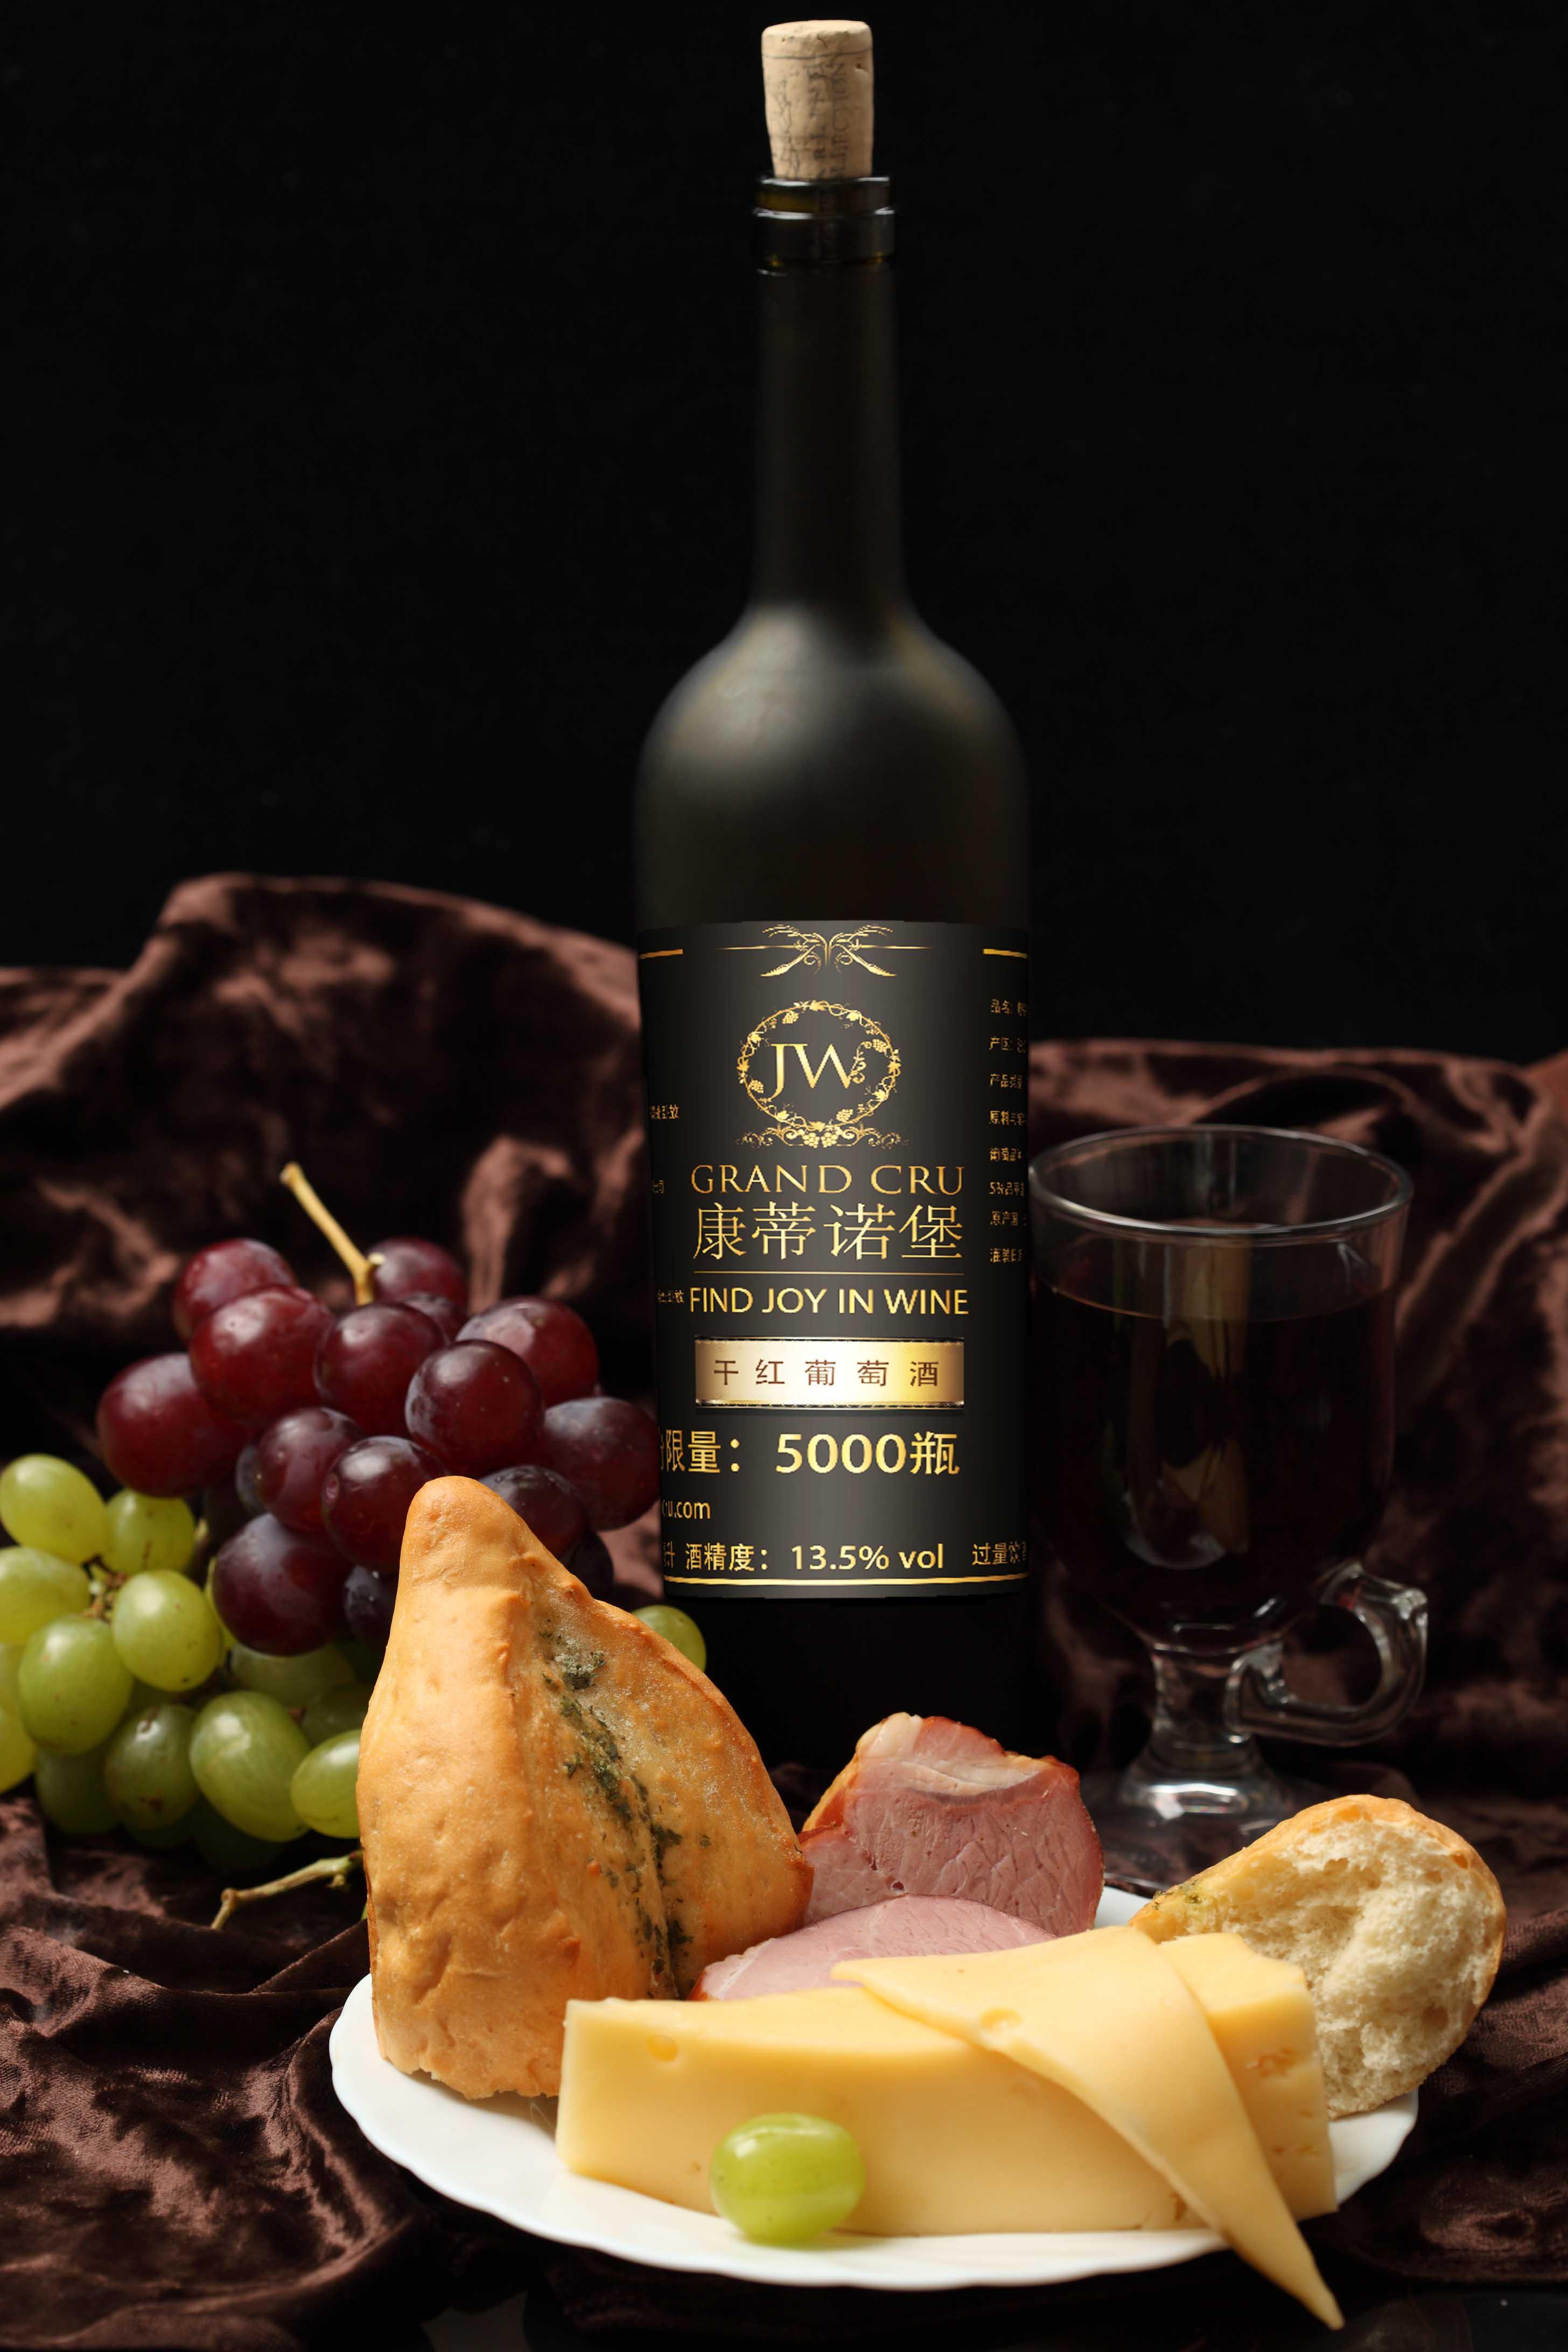 进口葡萄酒背标设计